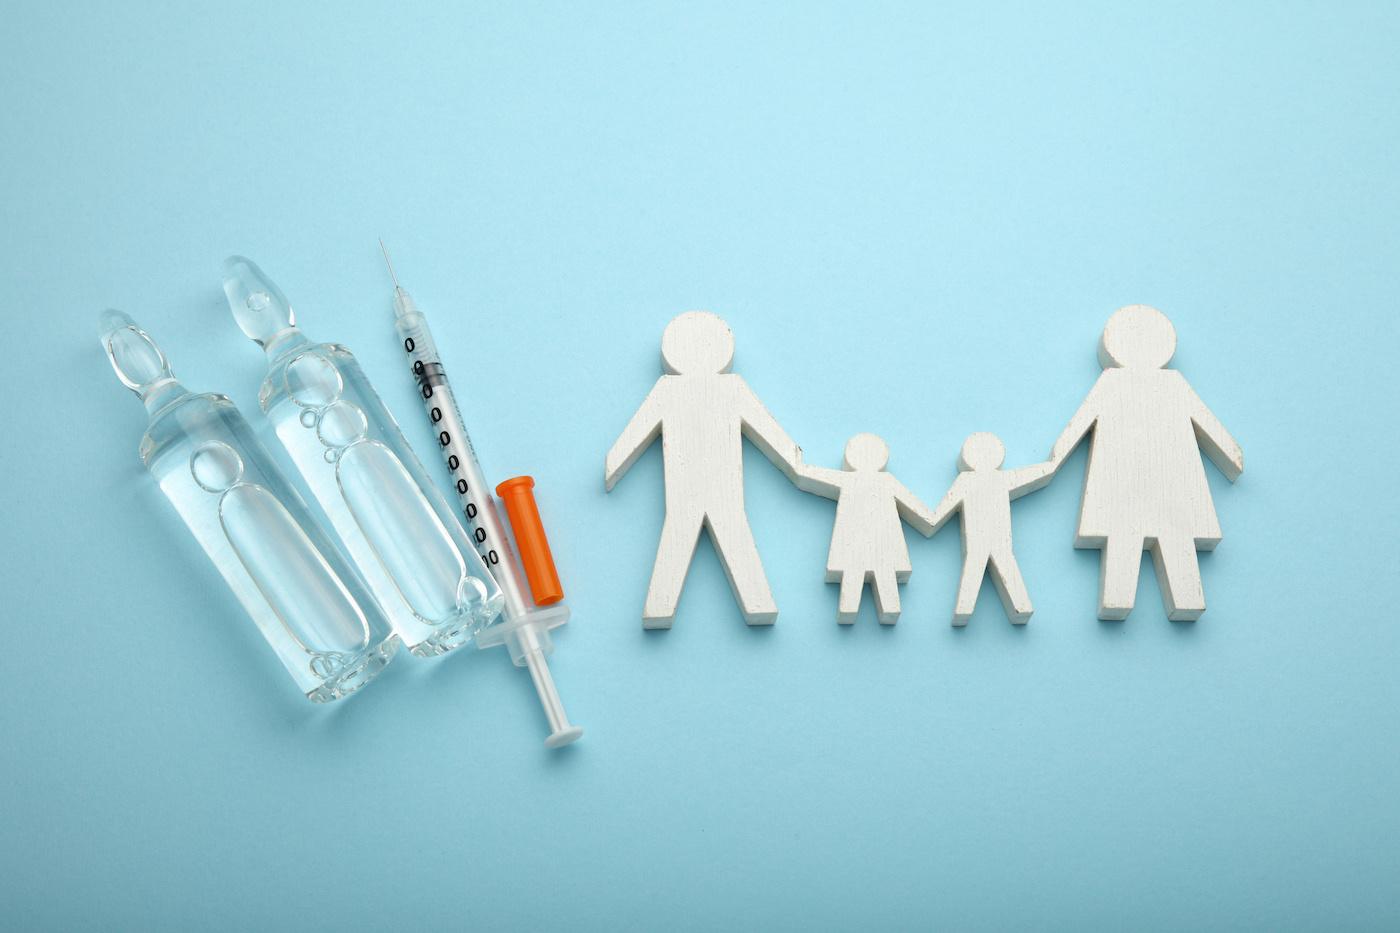 Українські діти найменше вакциновані від смертельних хвороб - Щеплення, імунізація, Вакцинація - AdobeStock 239489869 1